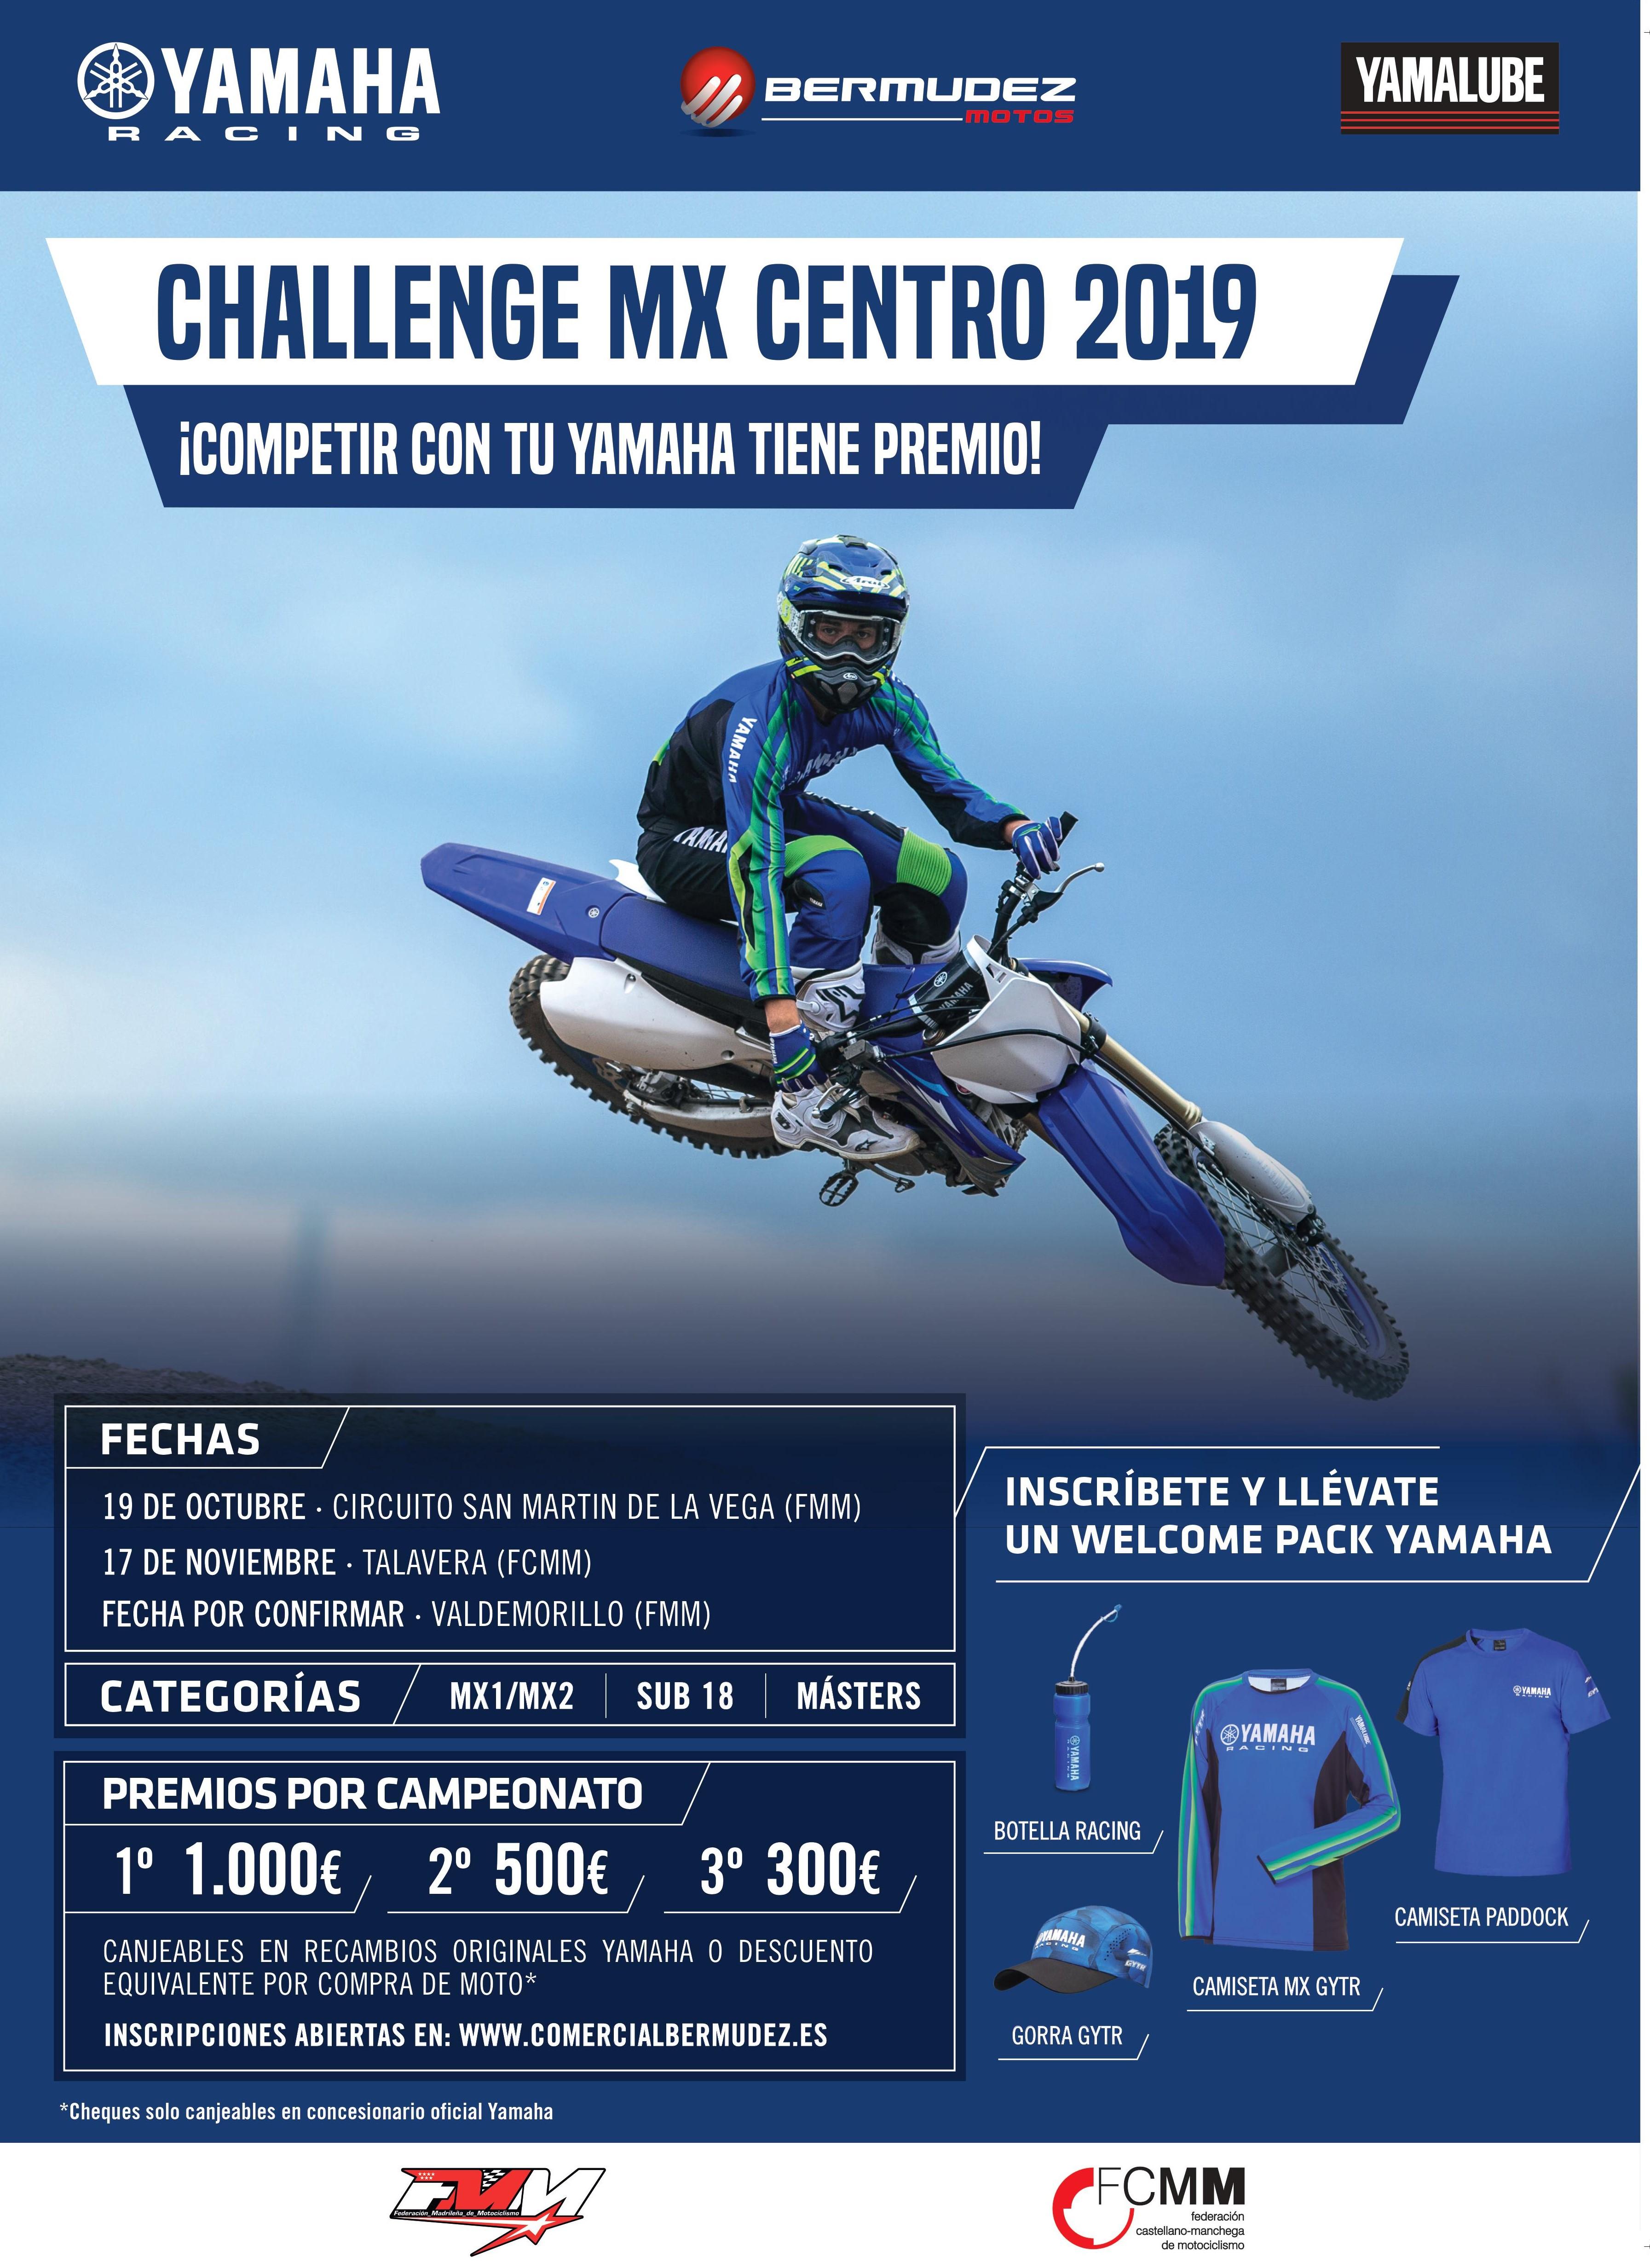 2ª PRUEBA DE LA CHALLENGE MX CENTRO